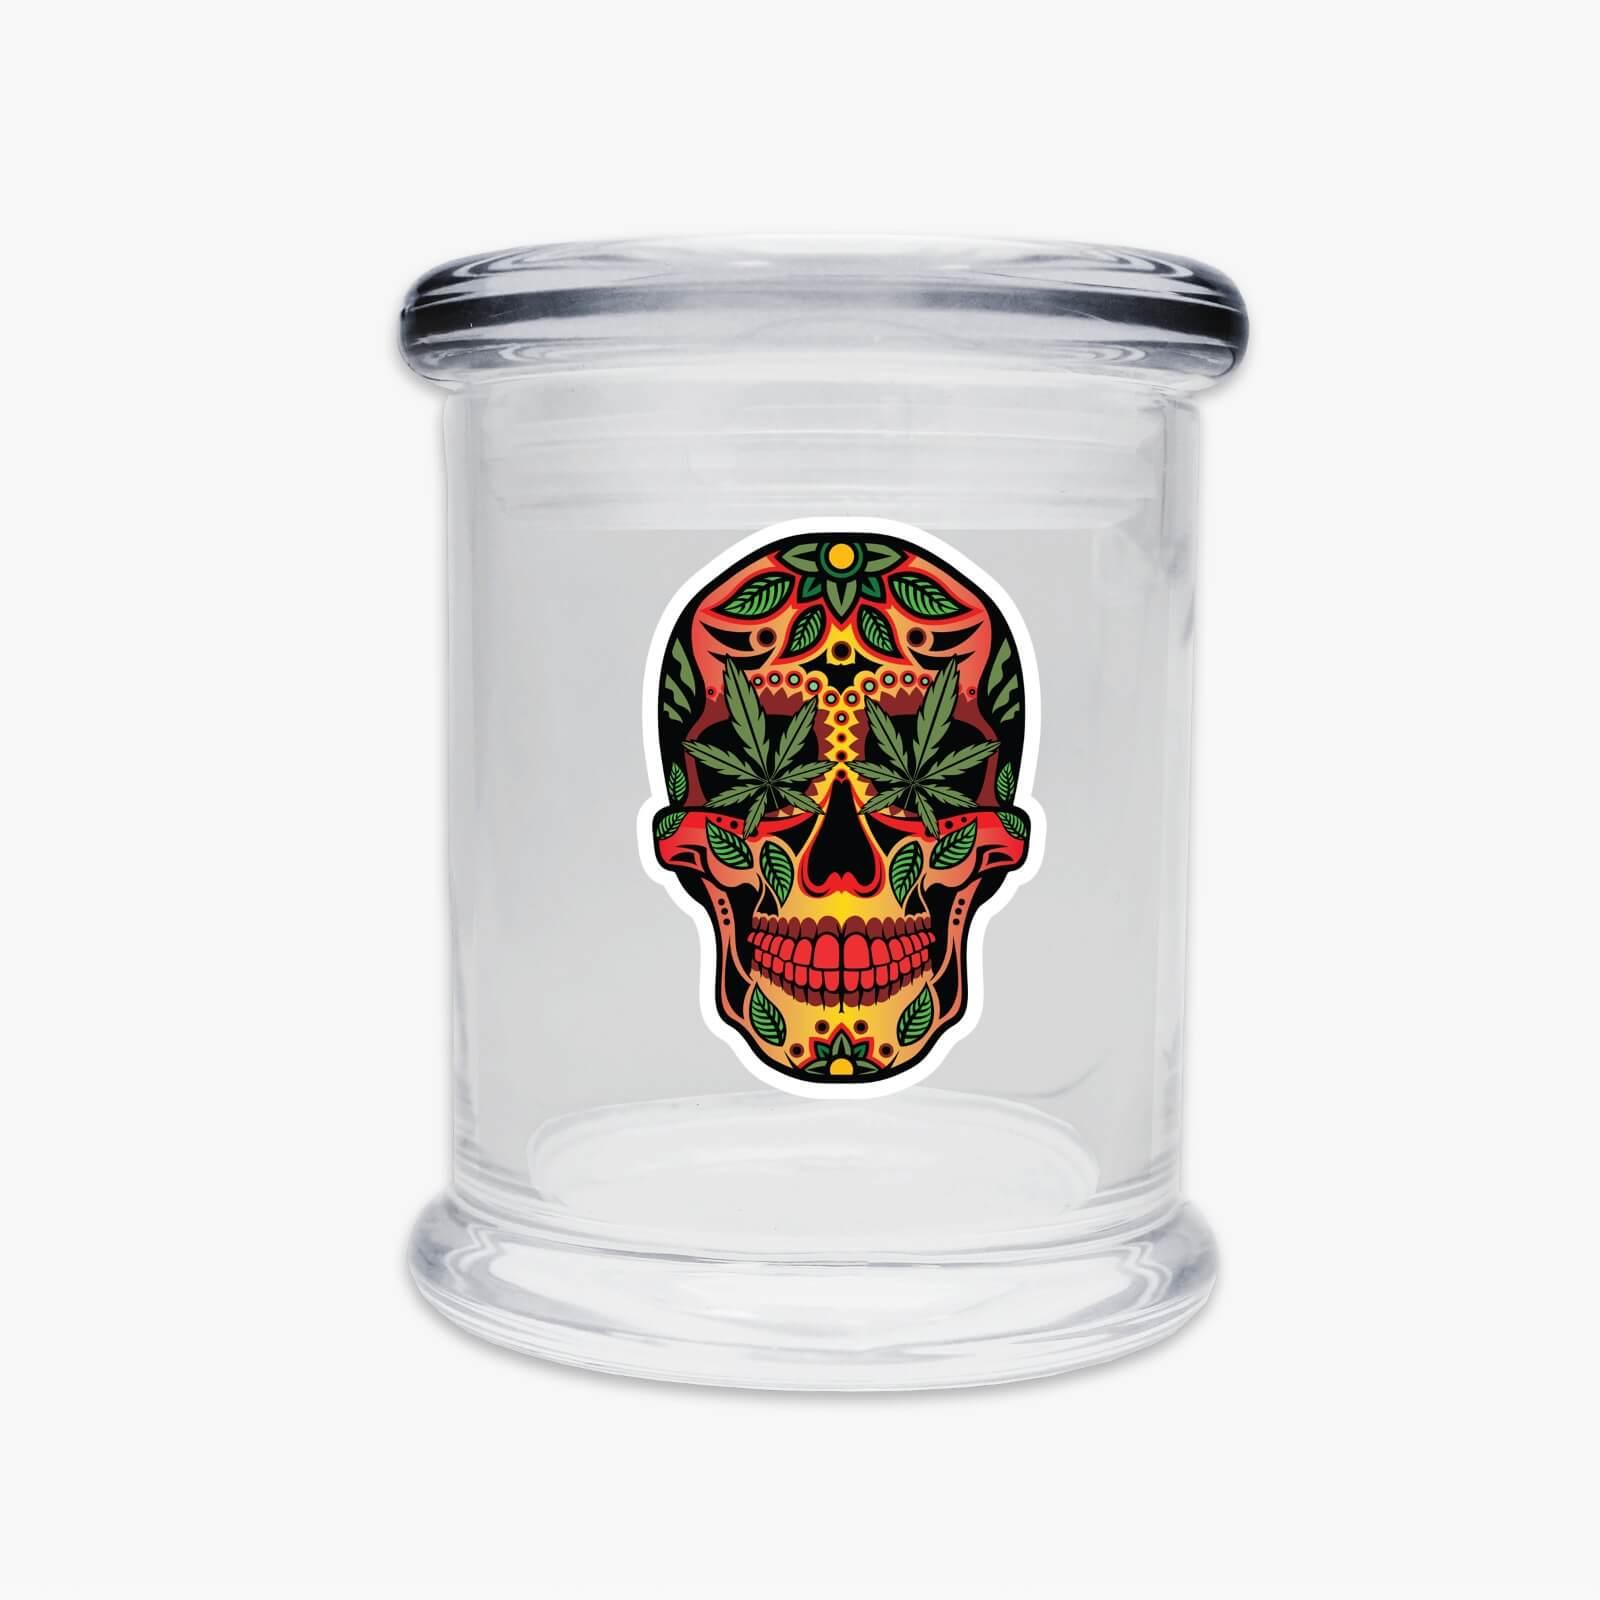 Juggz Skull Glass Jar